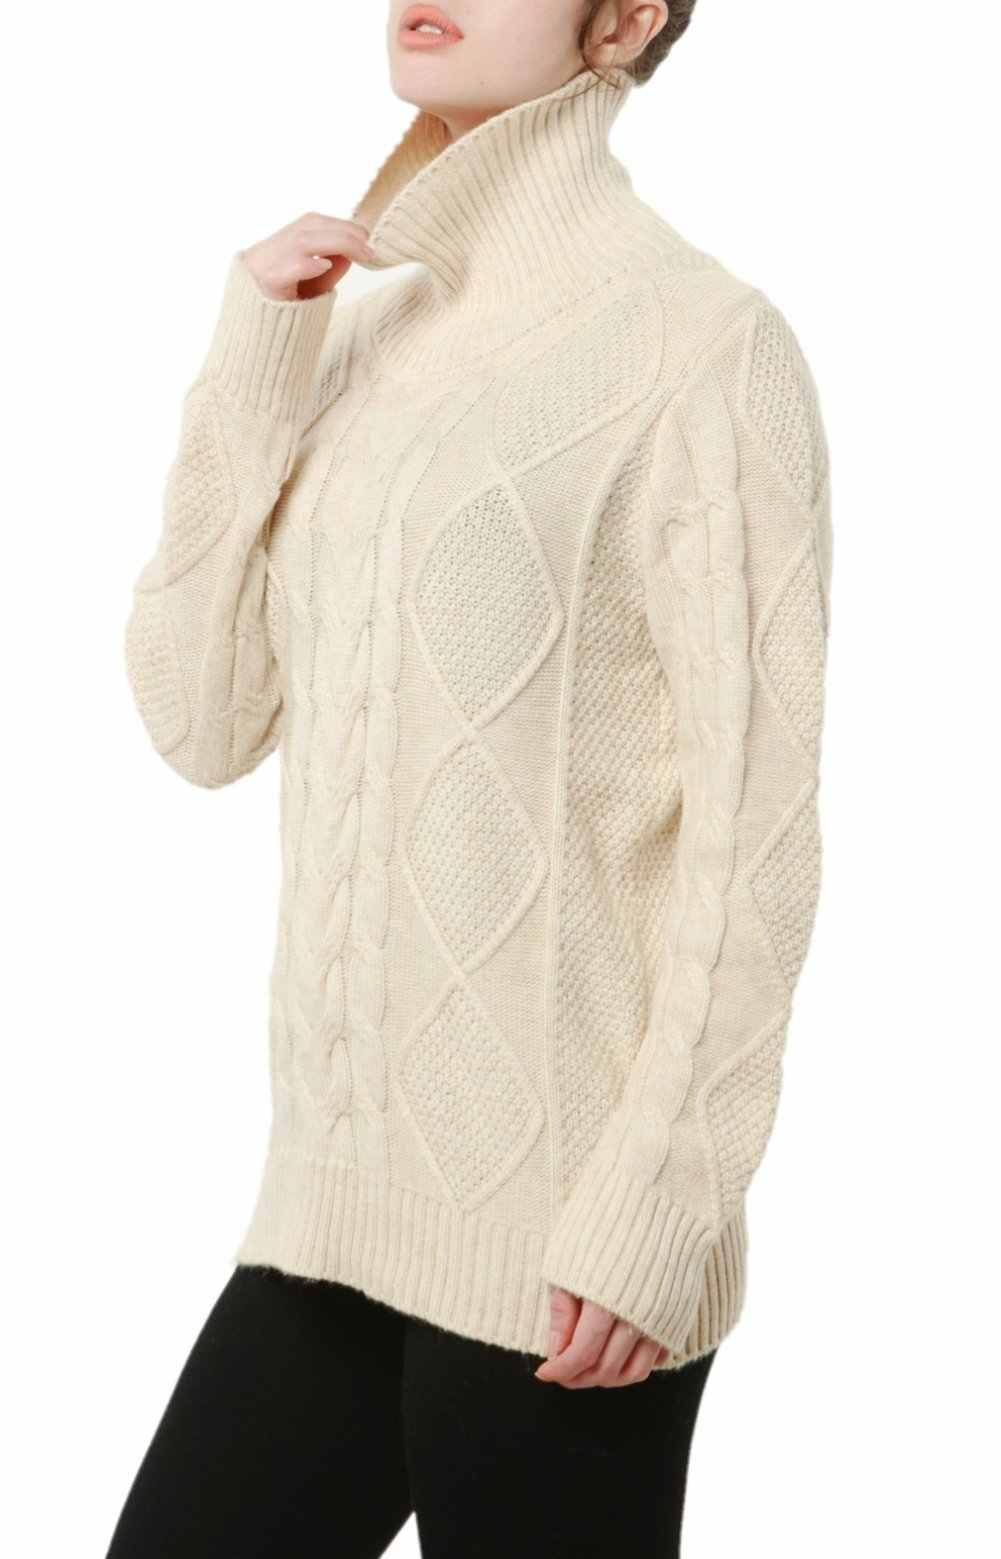 재단사 양 터틀넥 스웨터 여성 겨울 캐시미어 점퍼 울 니트 하단 여성 긴 소매 두꺼운 트위스트 루스 풀오버